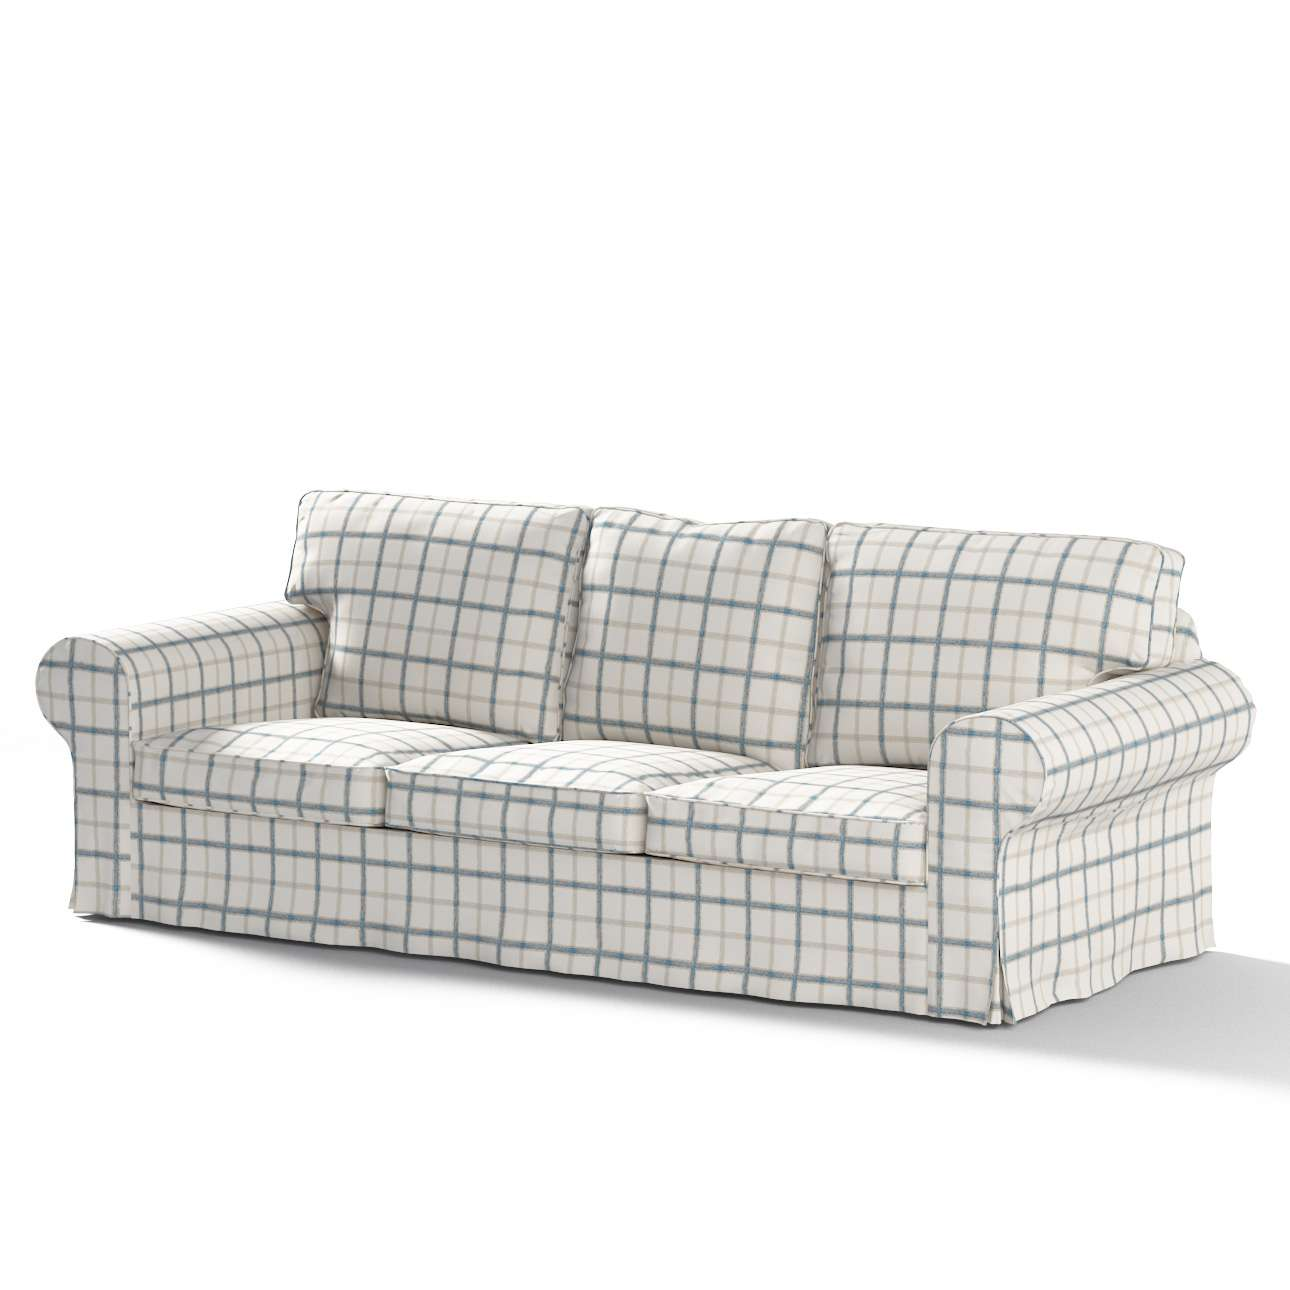 Pokrowiec na sofę Ektorp 3-osobową, rozkładaną, PIXBO w kolekcji Avinon, tkanina: 131-66